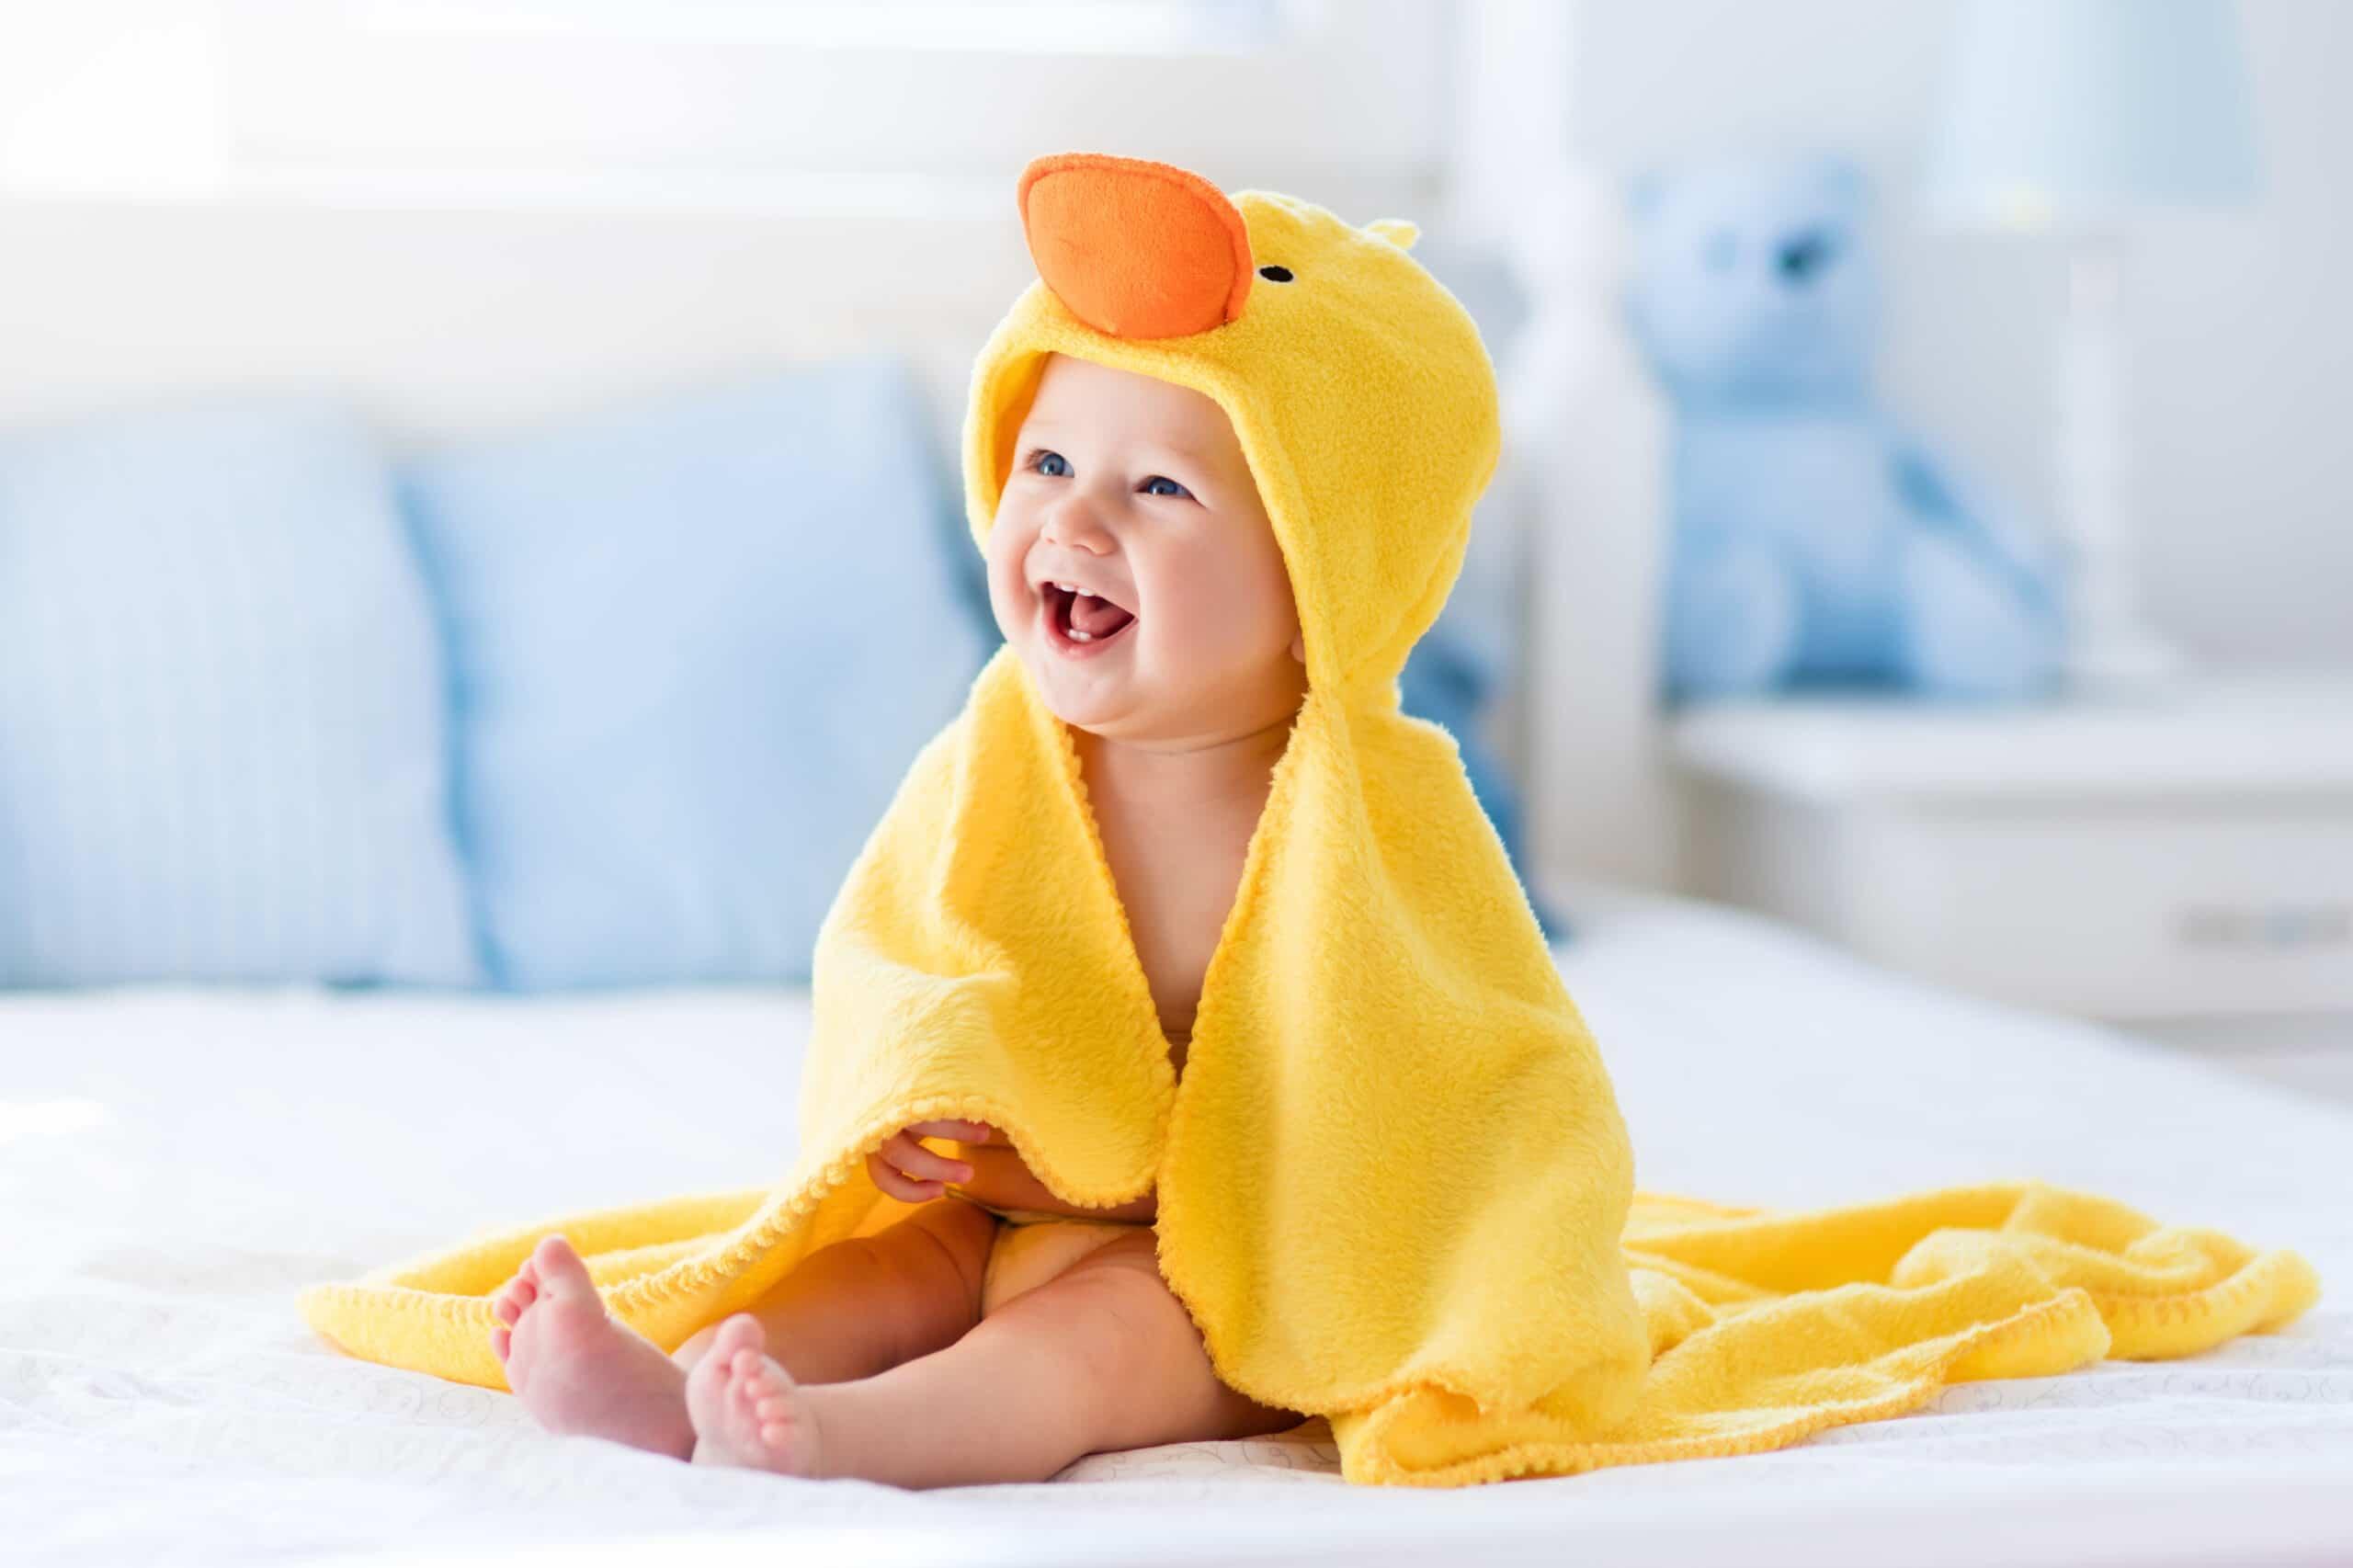 como bañar bebe recien nacido